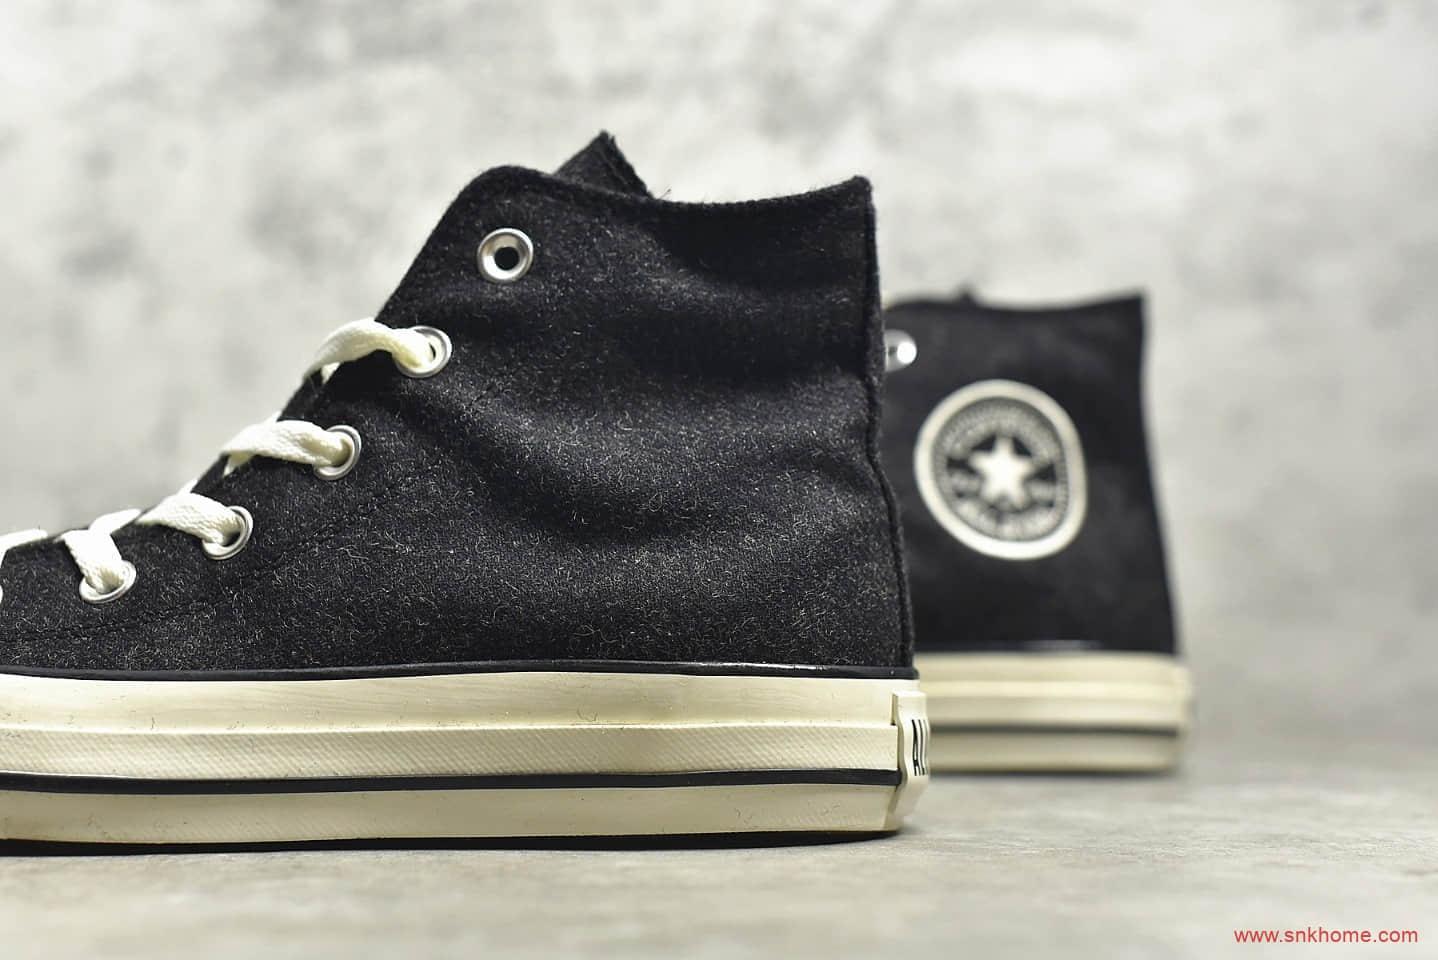 匡威ParadiseKiss日系碳黑色 CONVERSE ParadiseKiss 匡威1970S日系黑色高帮帆布鞋 货号:1CL180-潮流者之家